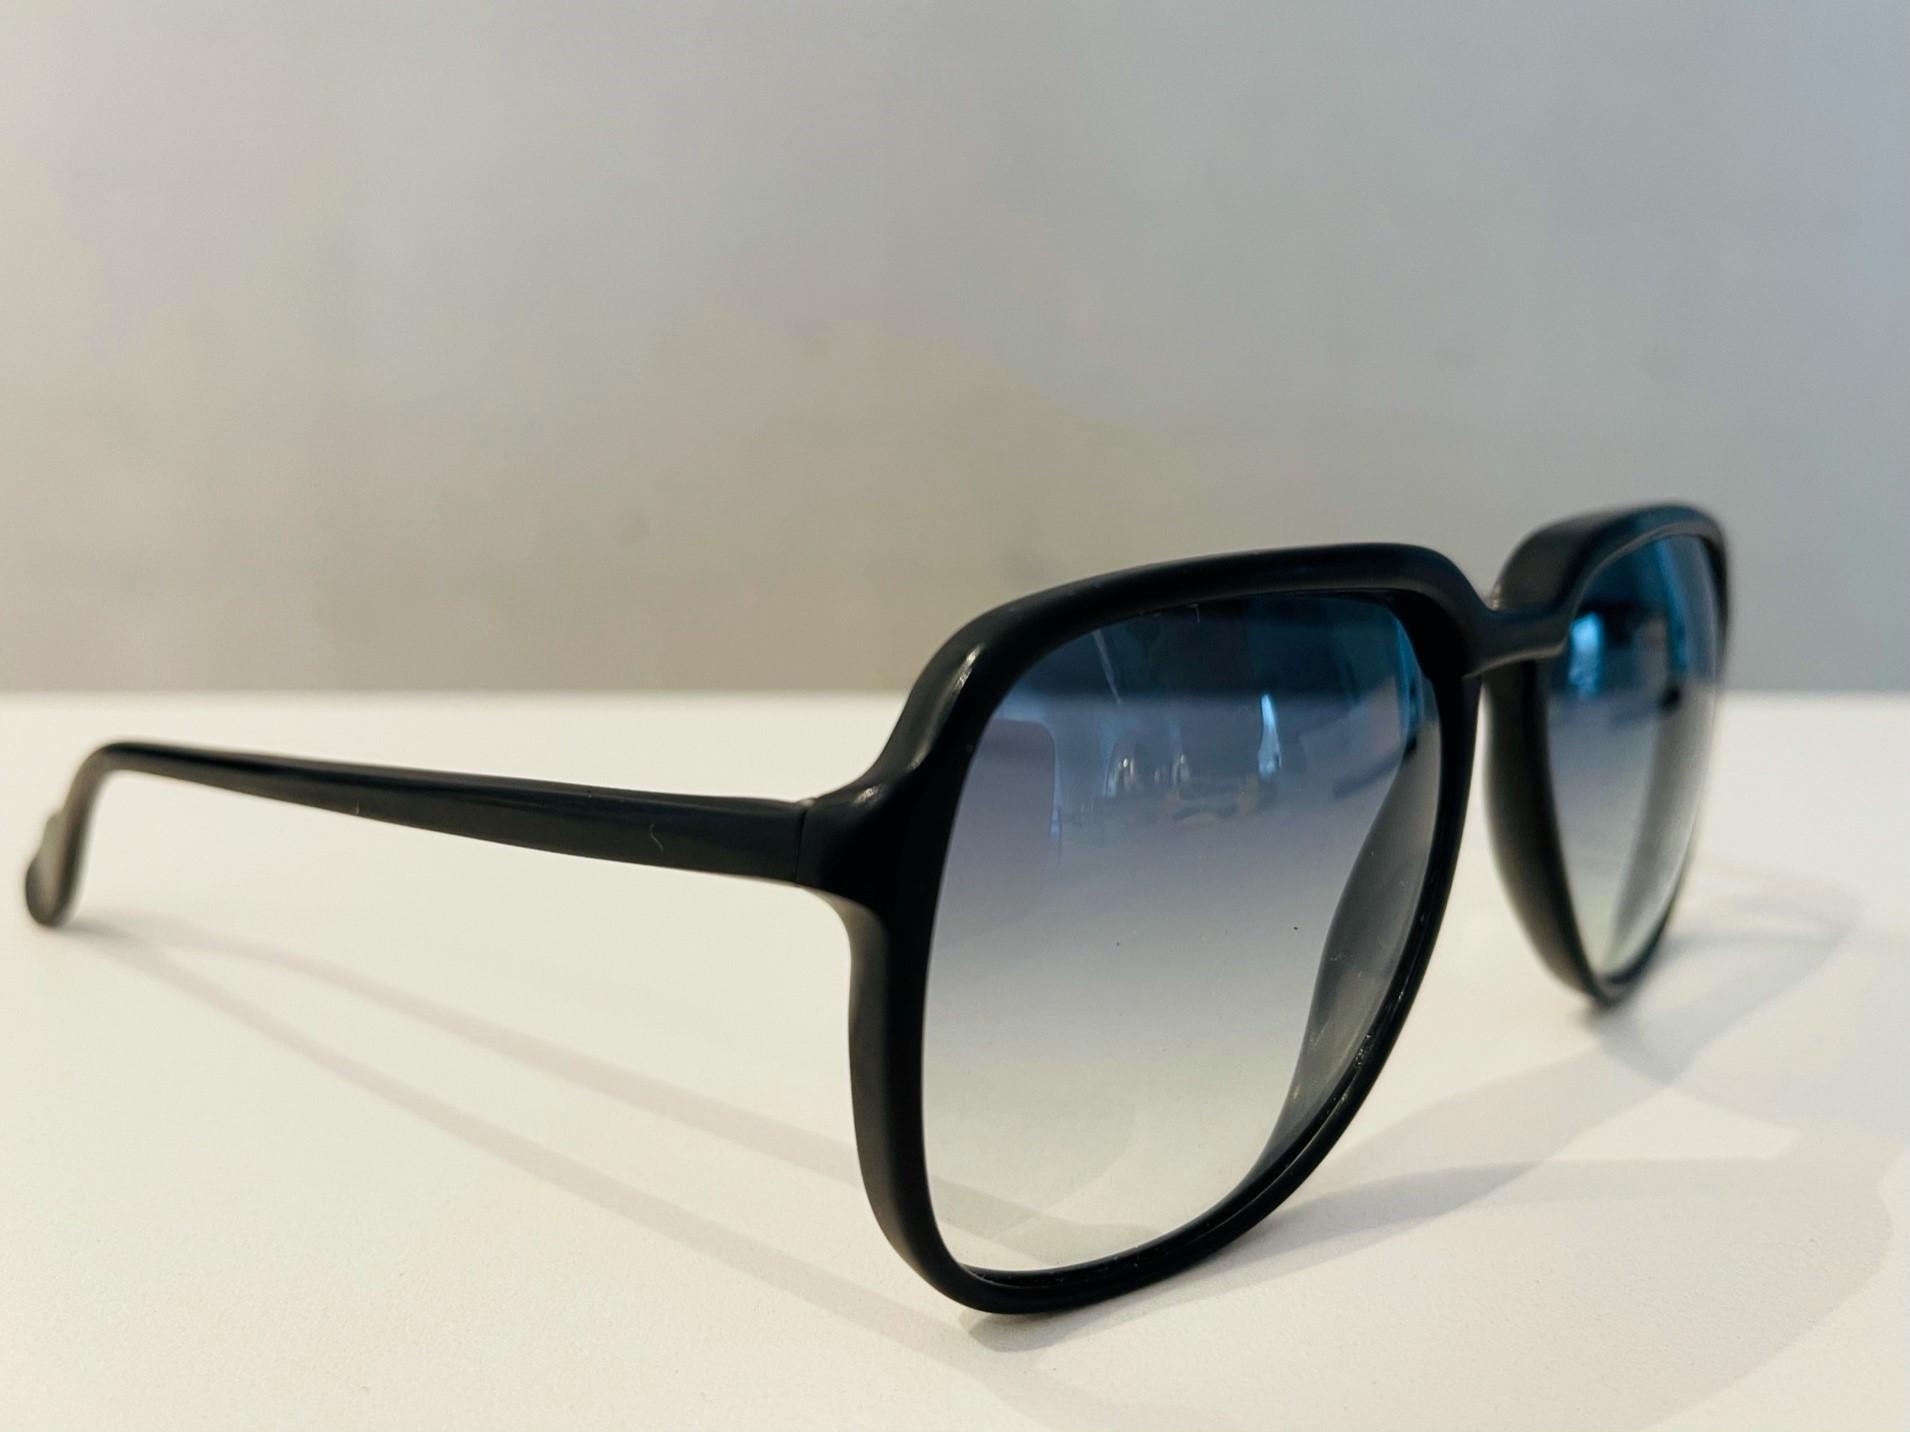 Retro-Brille: wie cool und nachhaltig ist das denn?